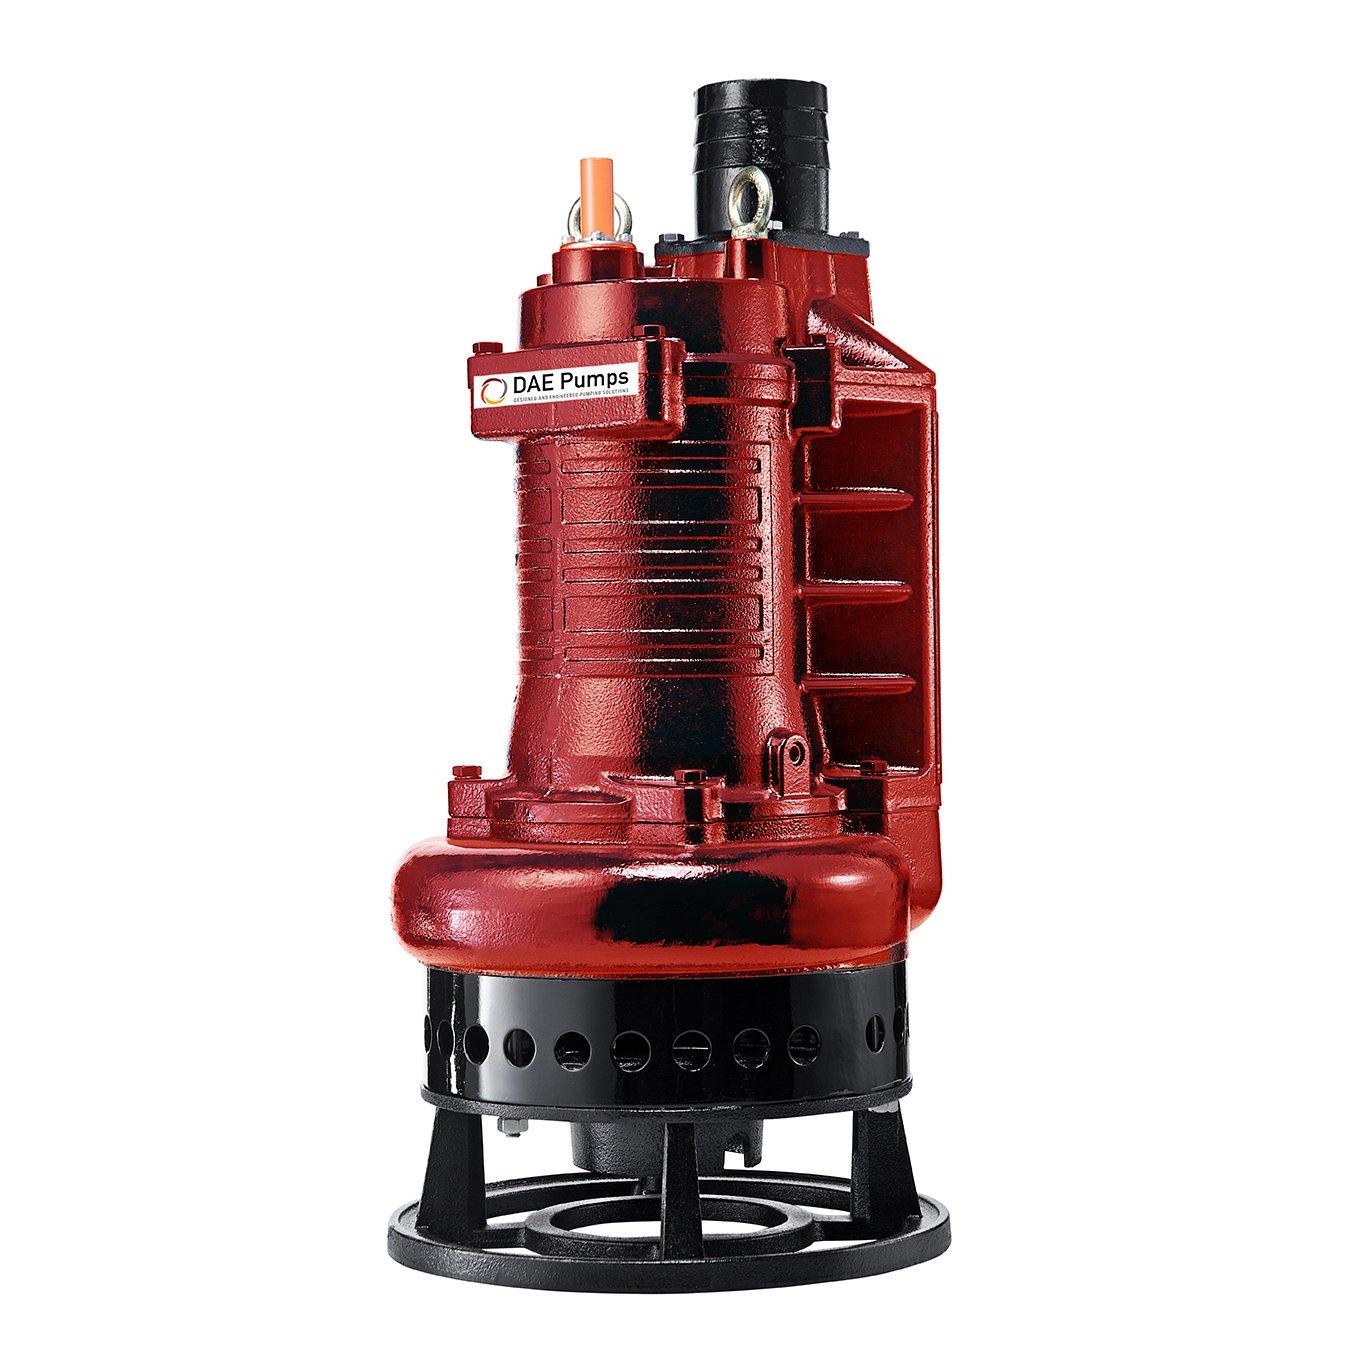 DAE Pumps 475-P Submersible Slurry Pump